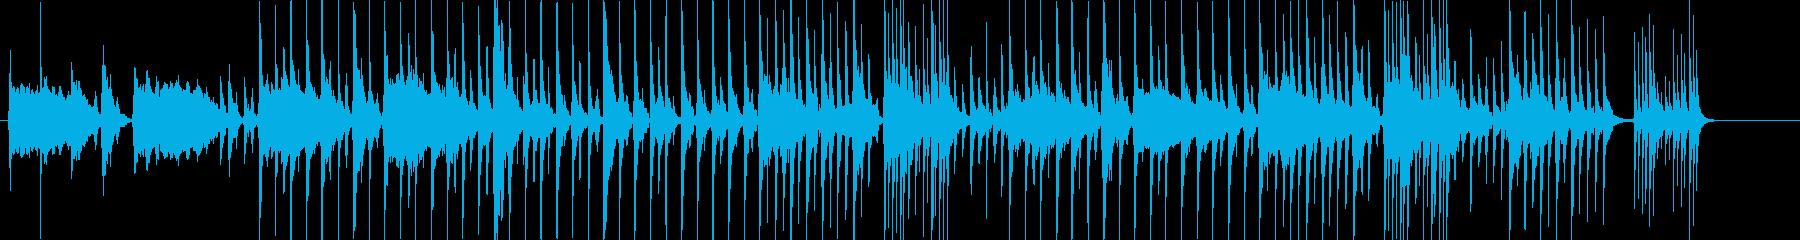 和楽器を用いた、伝統・歴史を感じるBGMの再生済みの波形